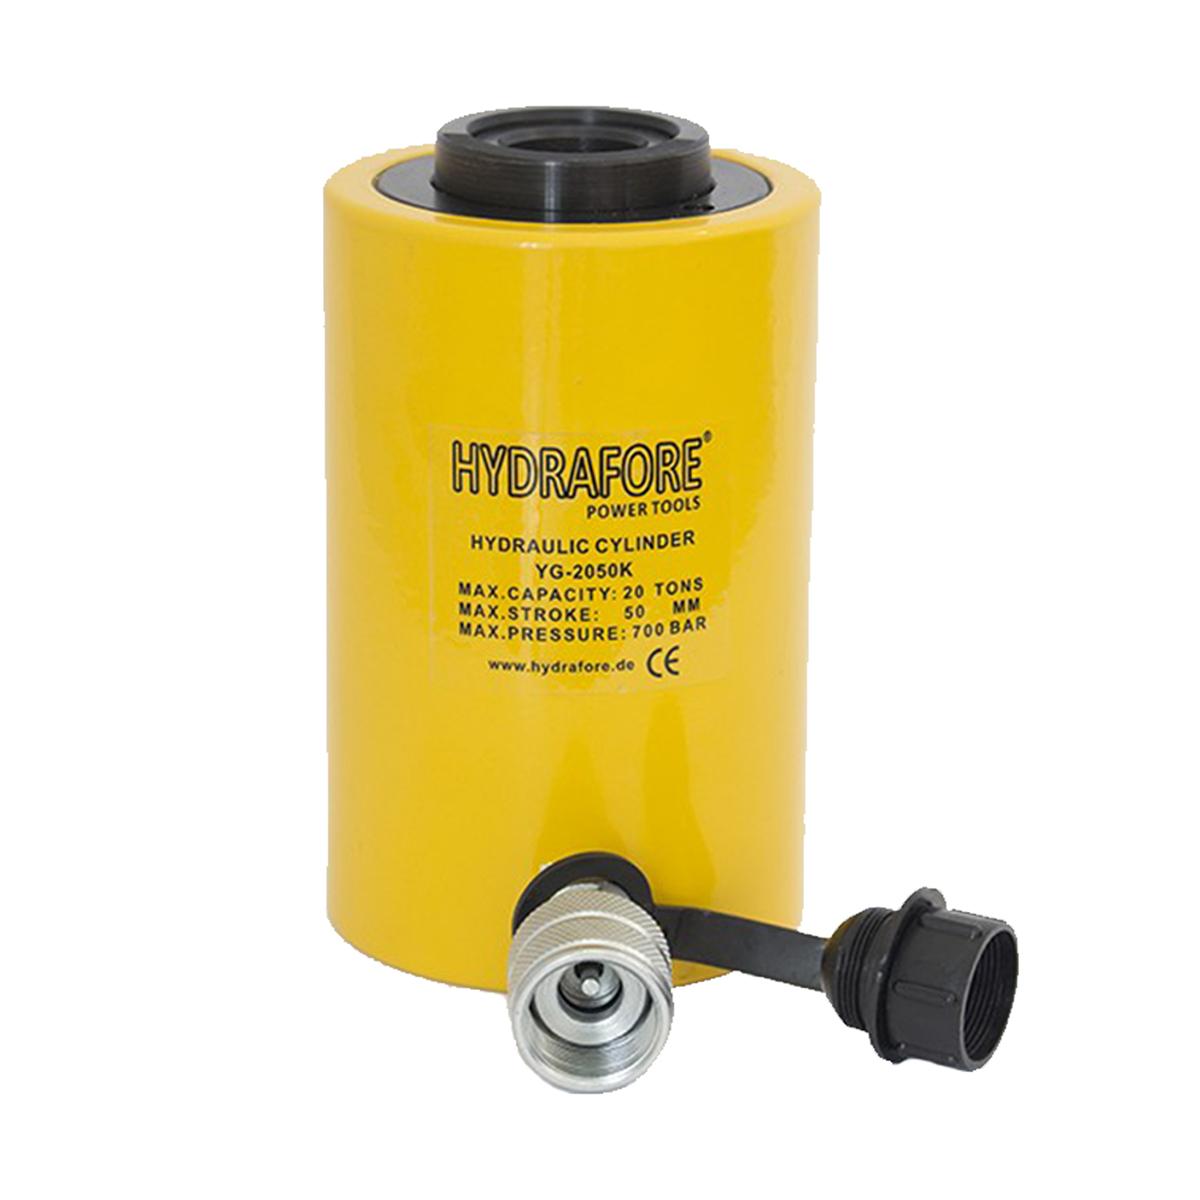 Egyszeres működésű üreges hidraulikus munkahenger (20T, 50mm) (YG-2050K)